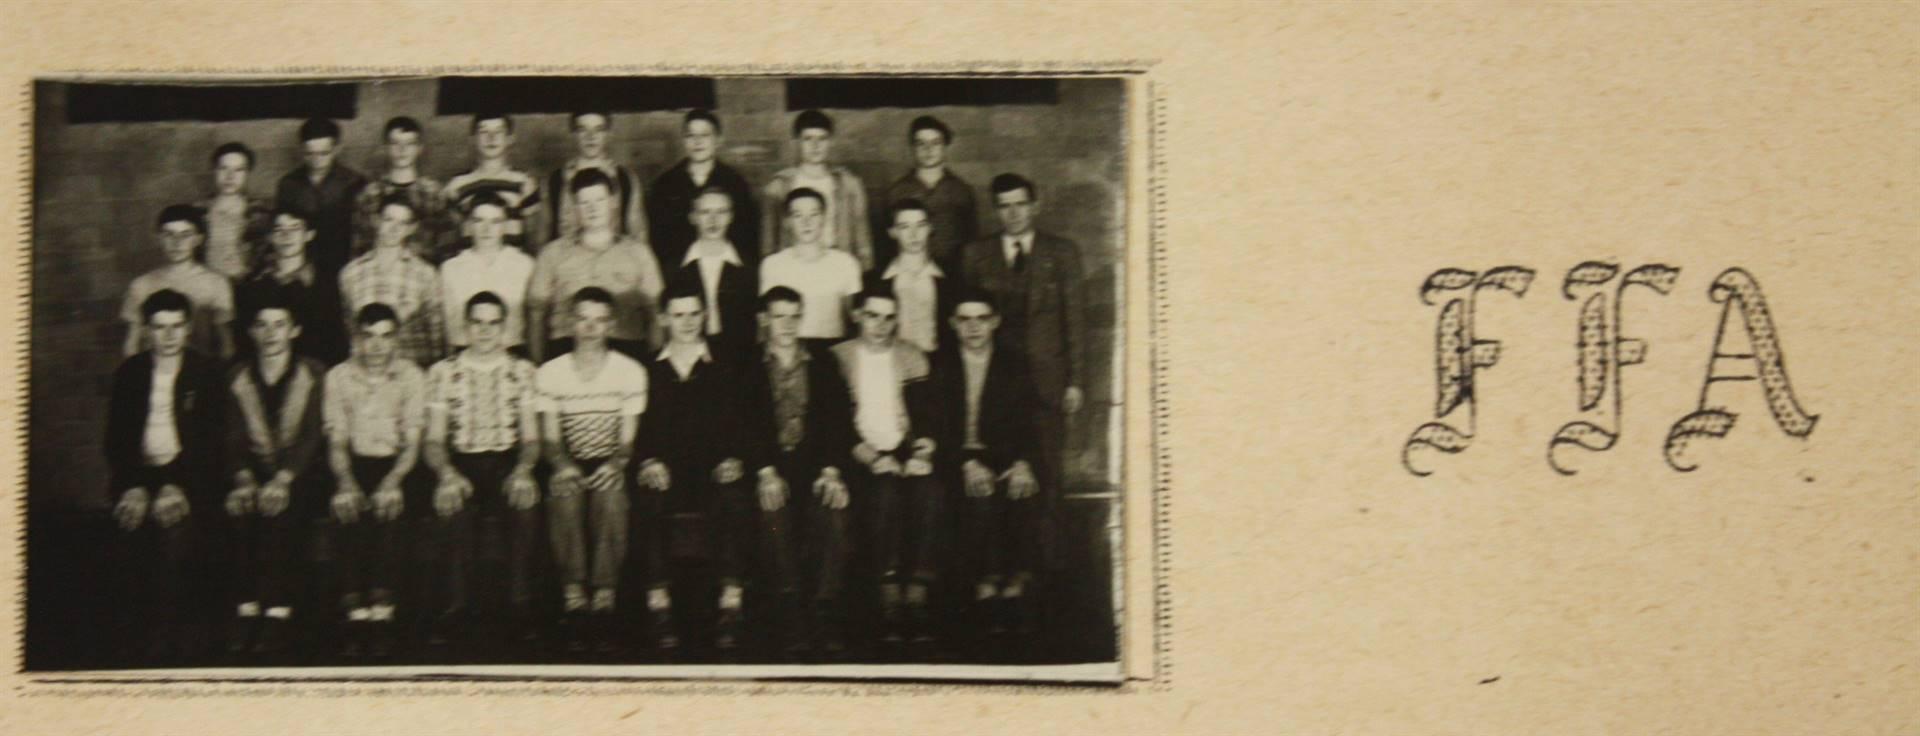 1949 FFA